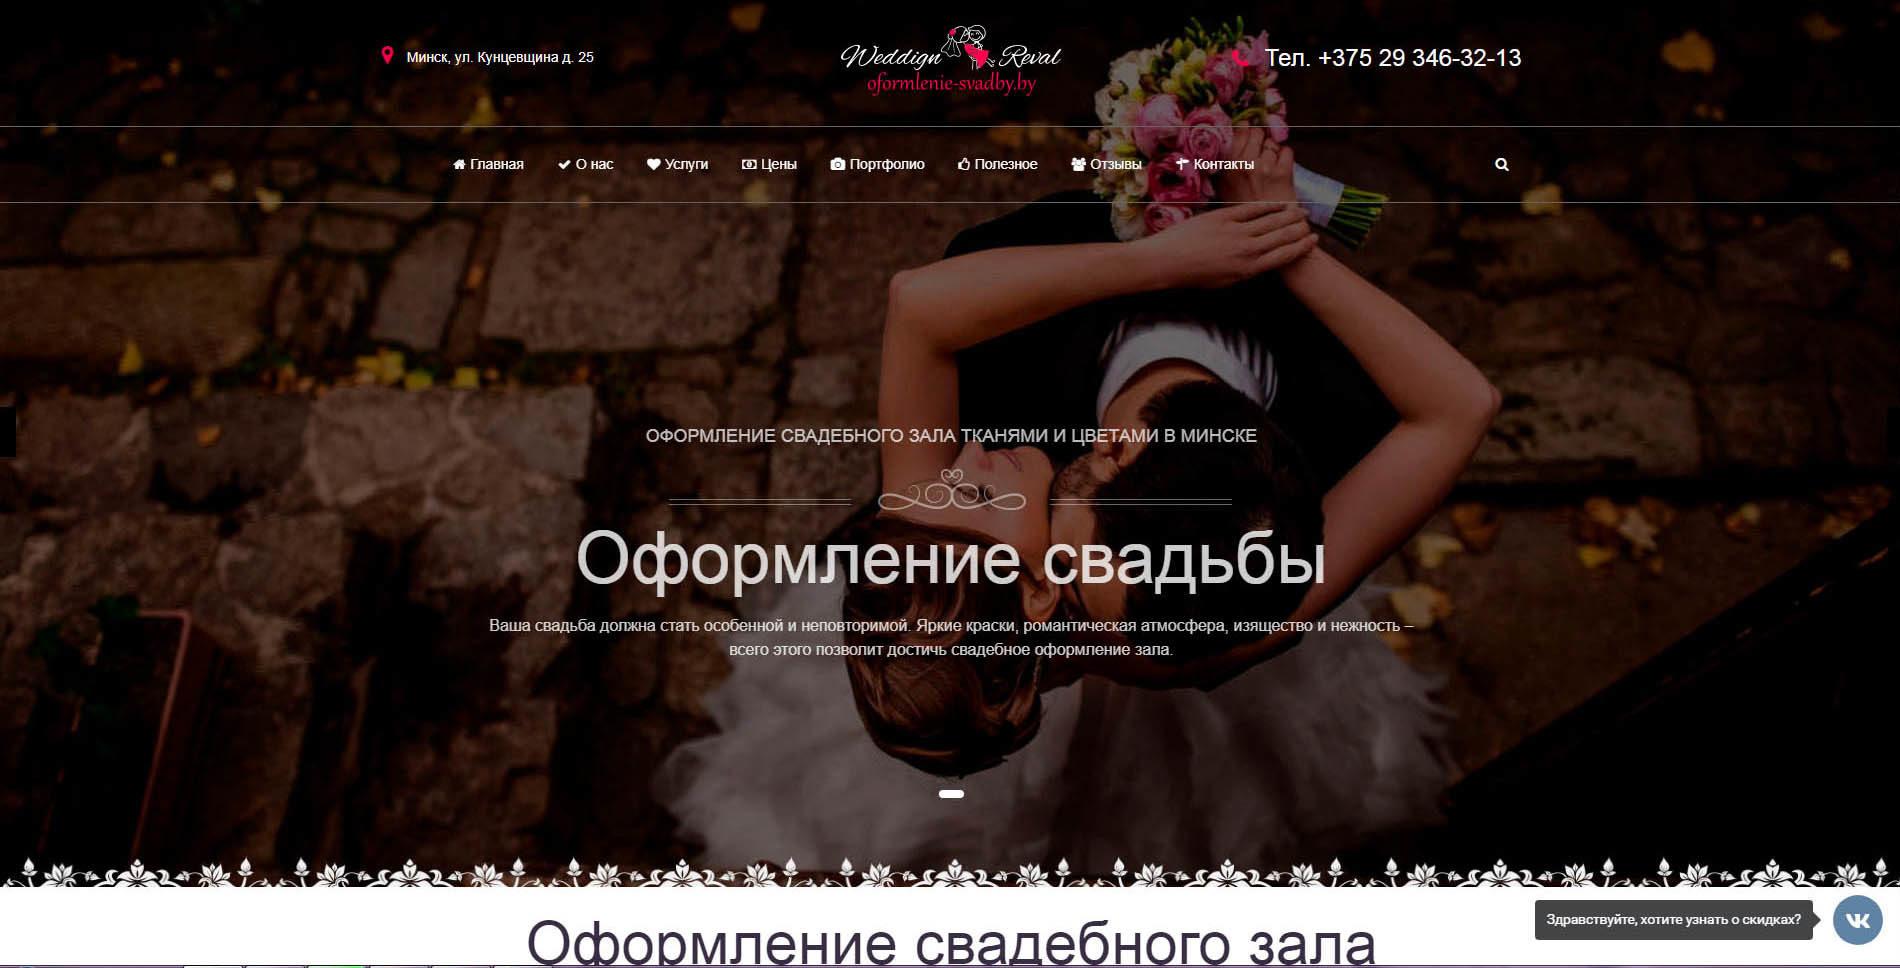 http://razrabotka-sajtov.by/wp-content/uploads/2020/05/oformlenie-svadeb-1900x968.jpg